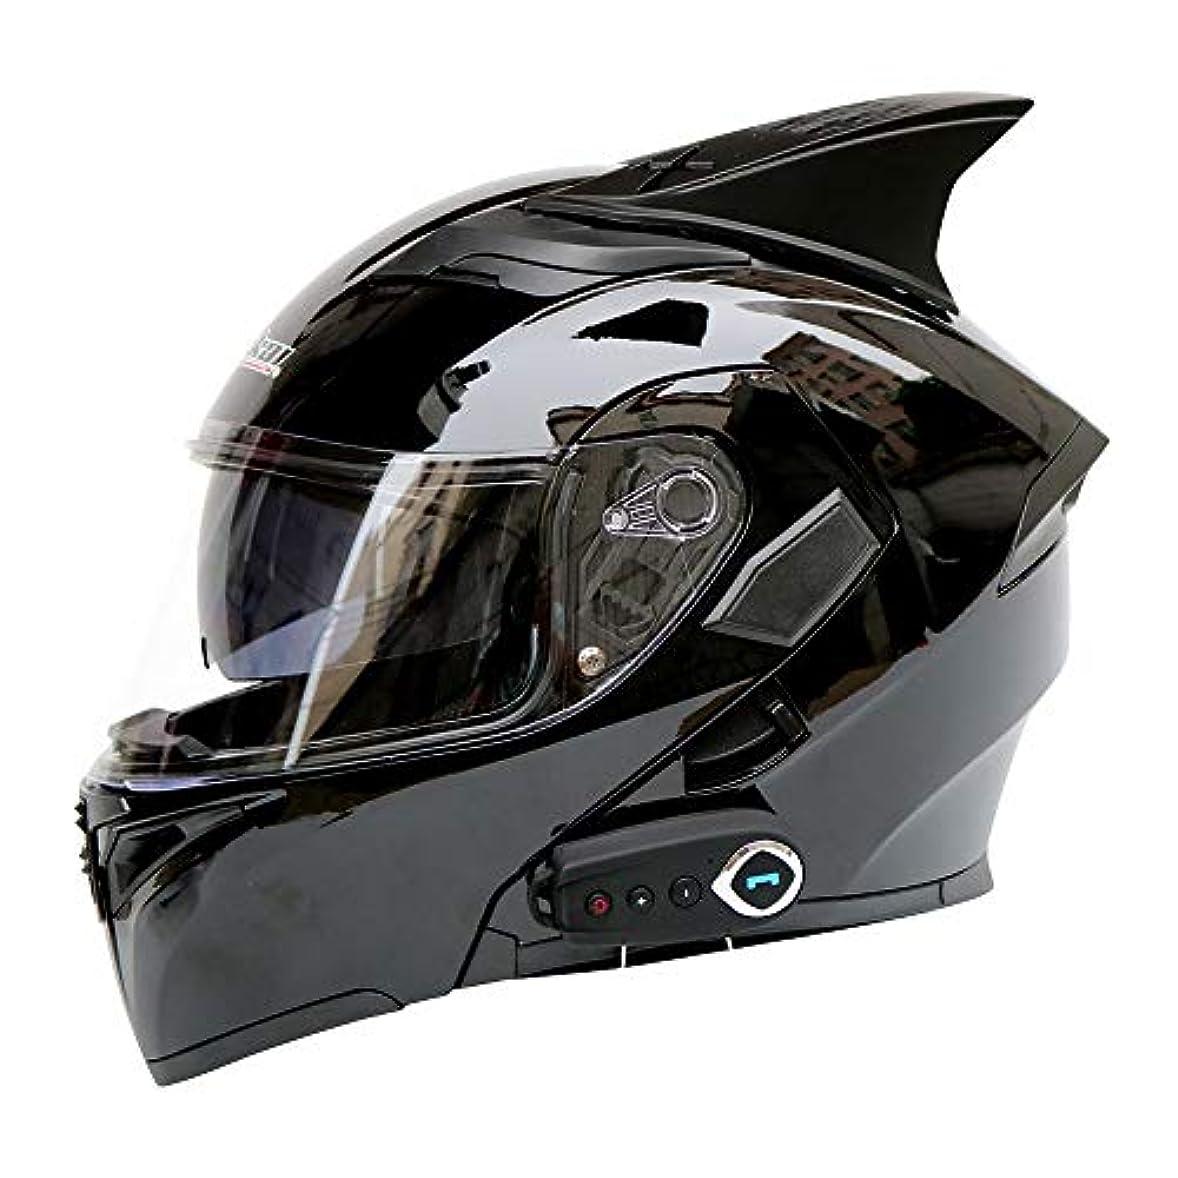 限られたエッセイ志すHYH 電気オートバイのブルートゥースヘルメットブルートゥースのオートバイフルフェイスヘルメットダブルレンズオープンフェイスヘルメットフルフェイスヘルメットFMホーン付き - ABS素材 - ブラック - ラージ いい人生 (Size : M)